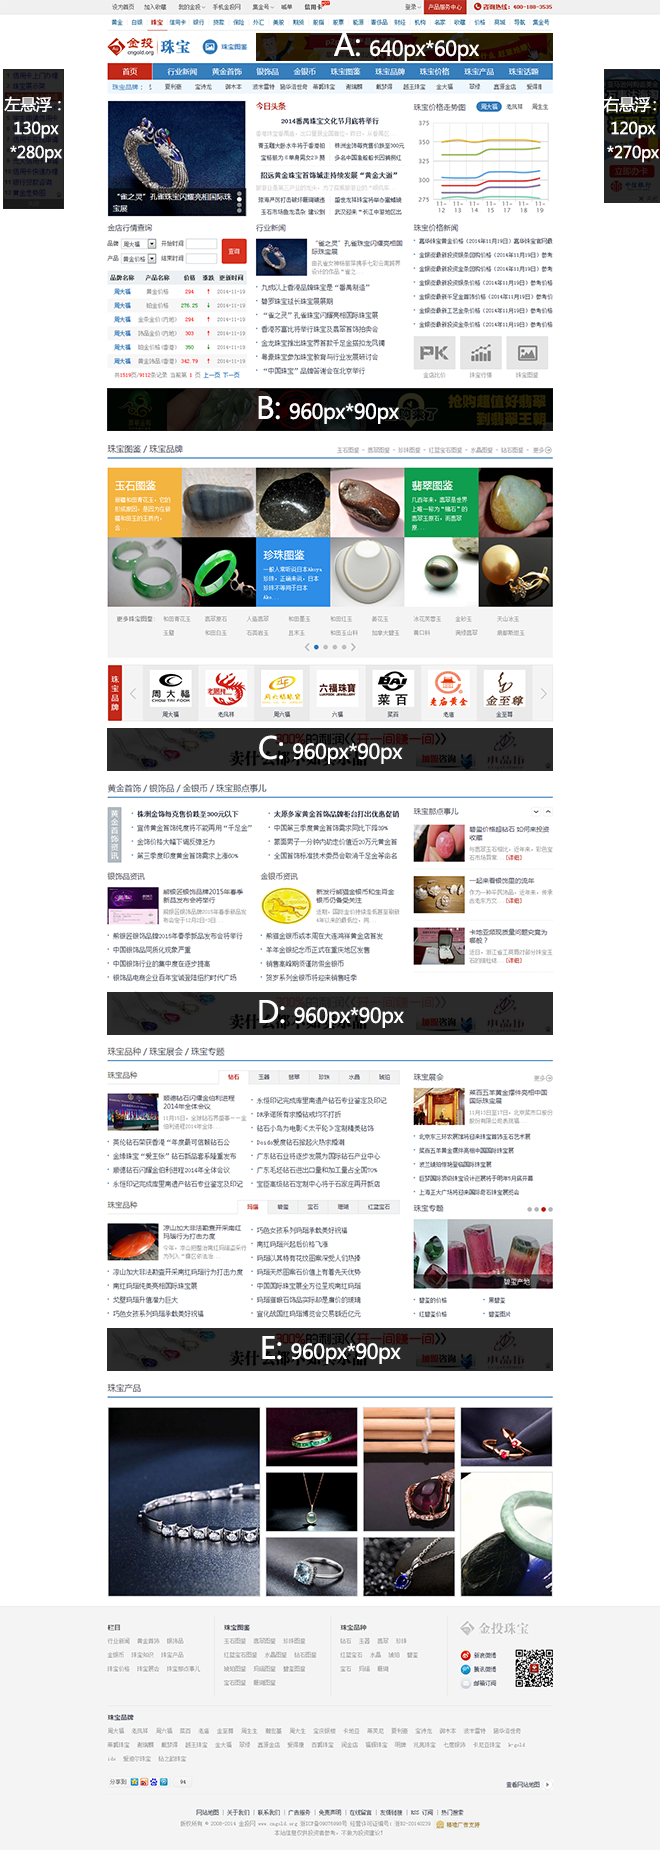 珠宝频道广告资源